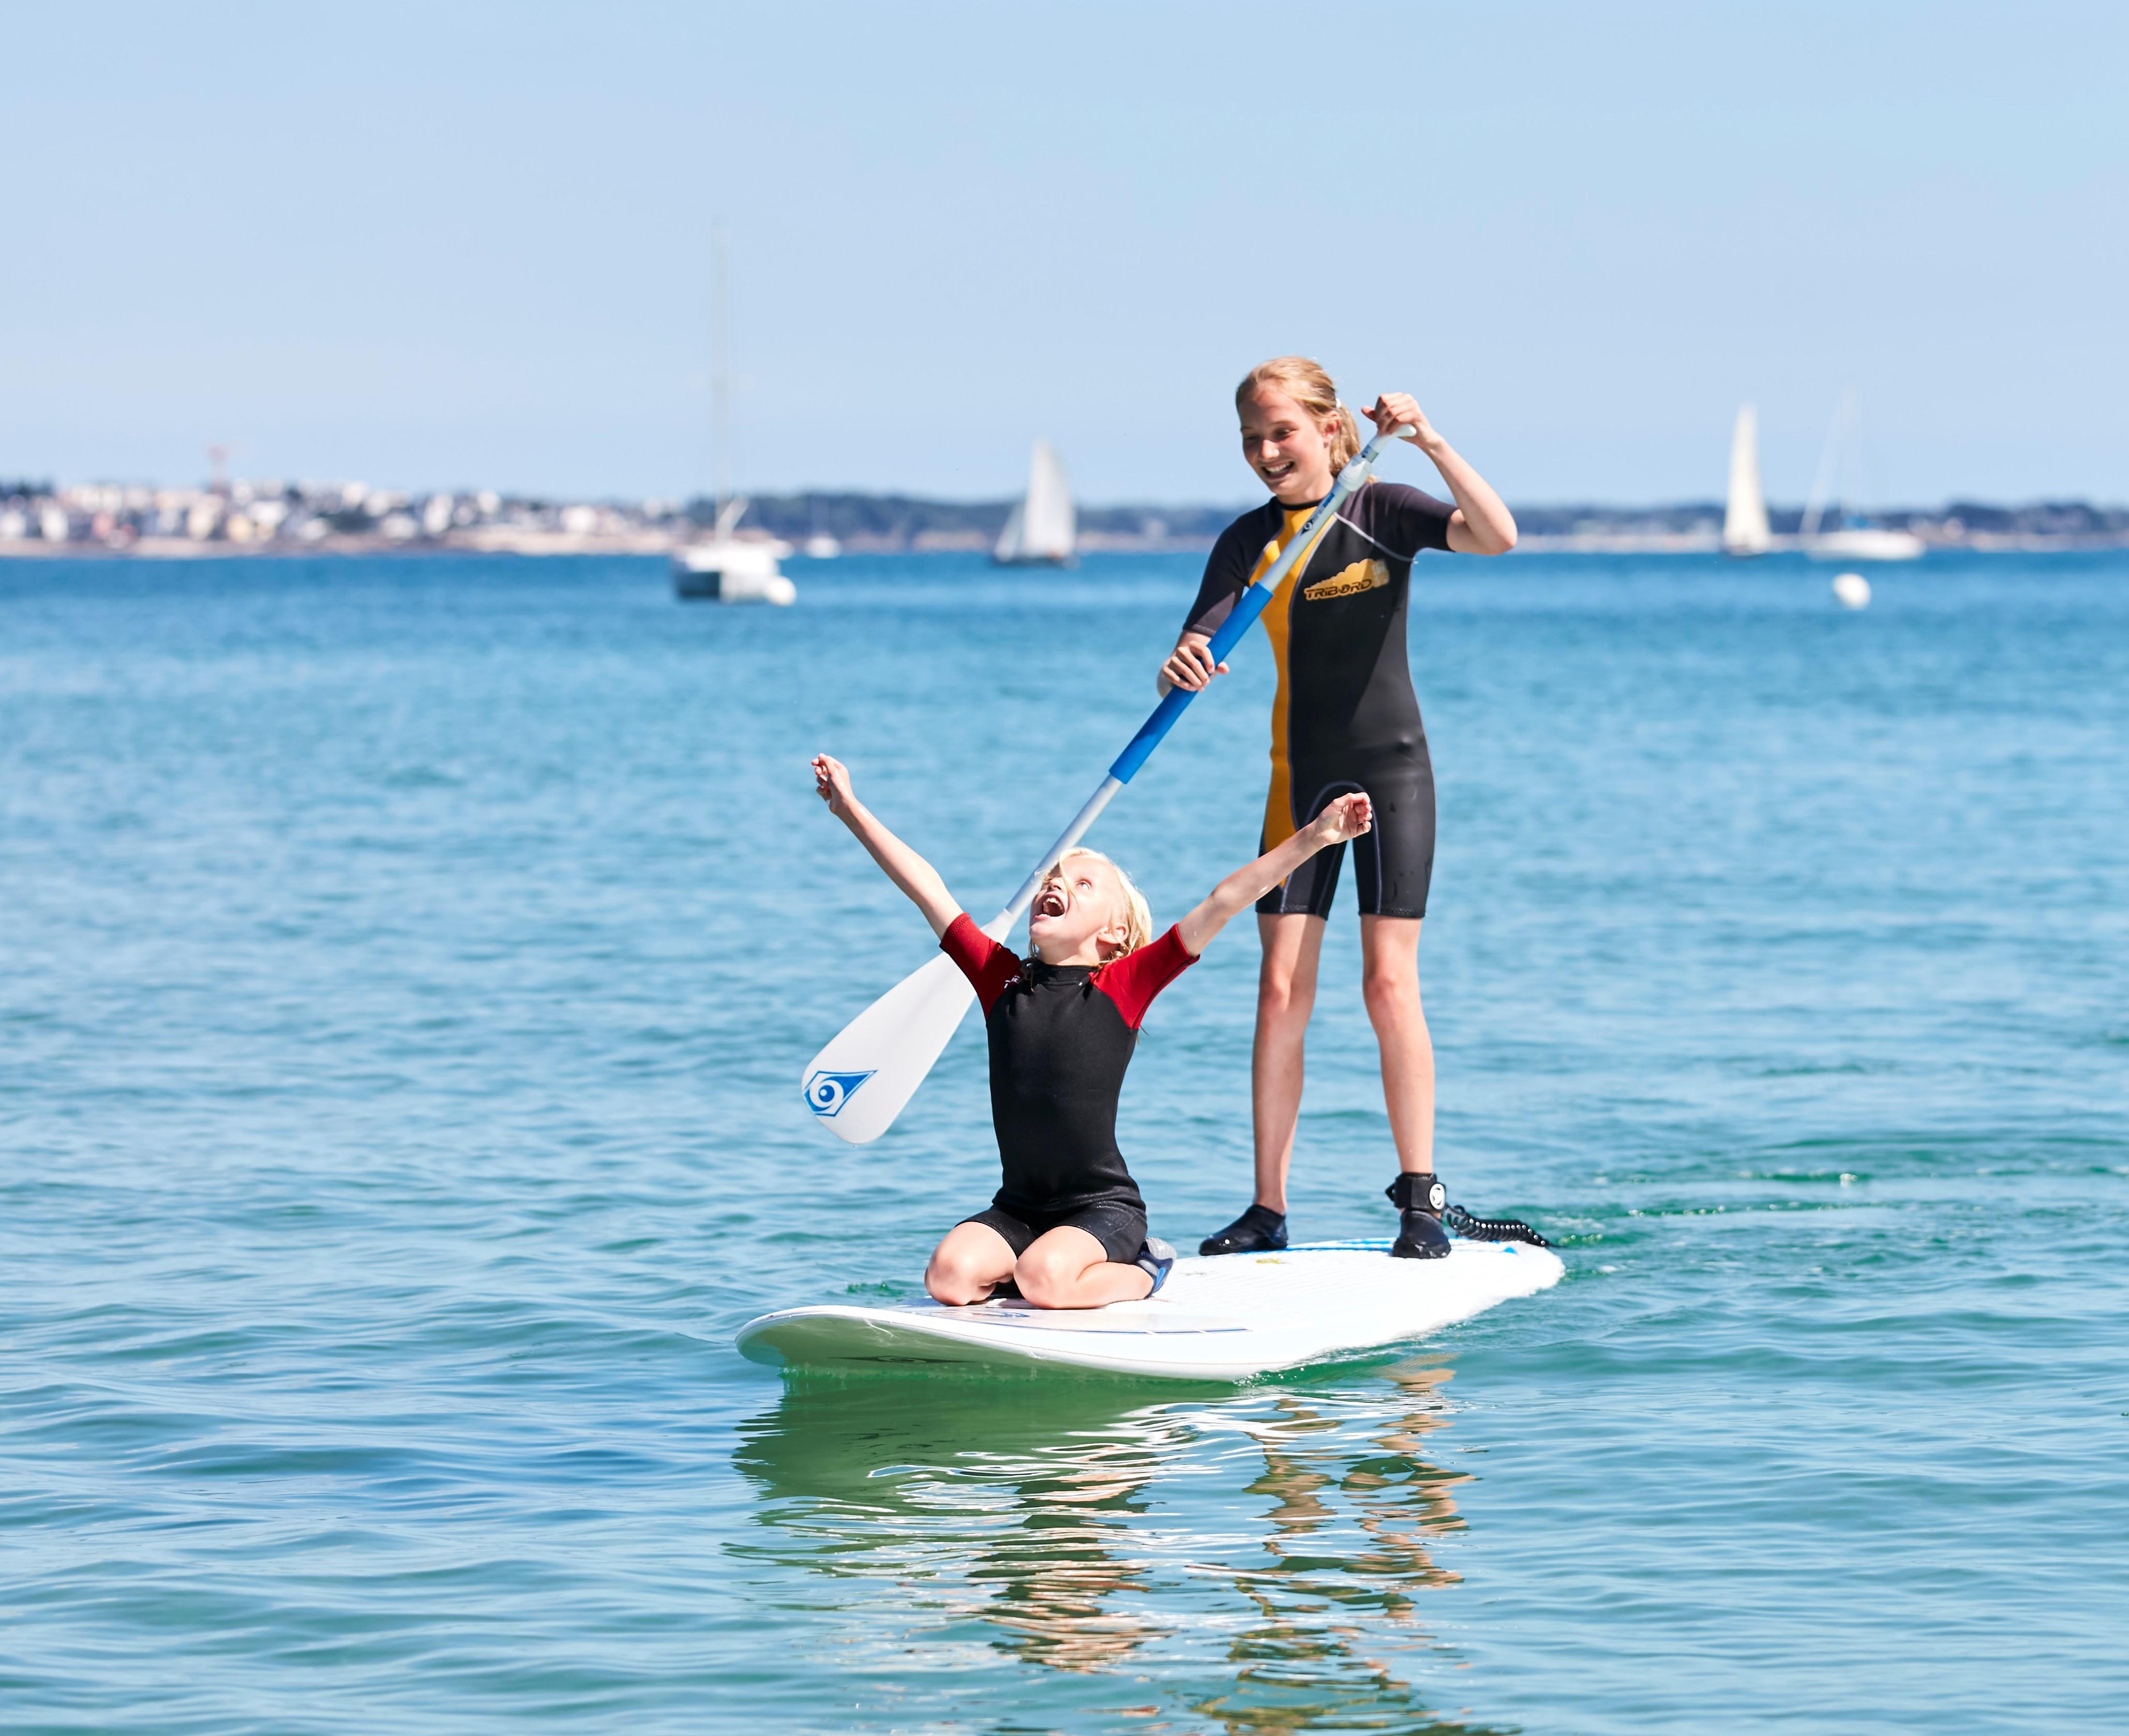 Pourquoi pas… essayer un sport nautique